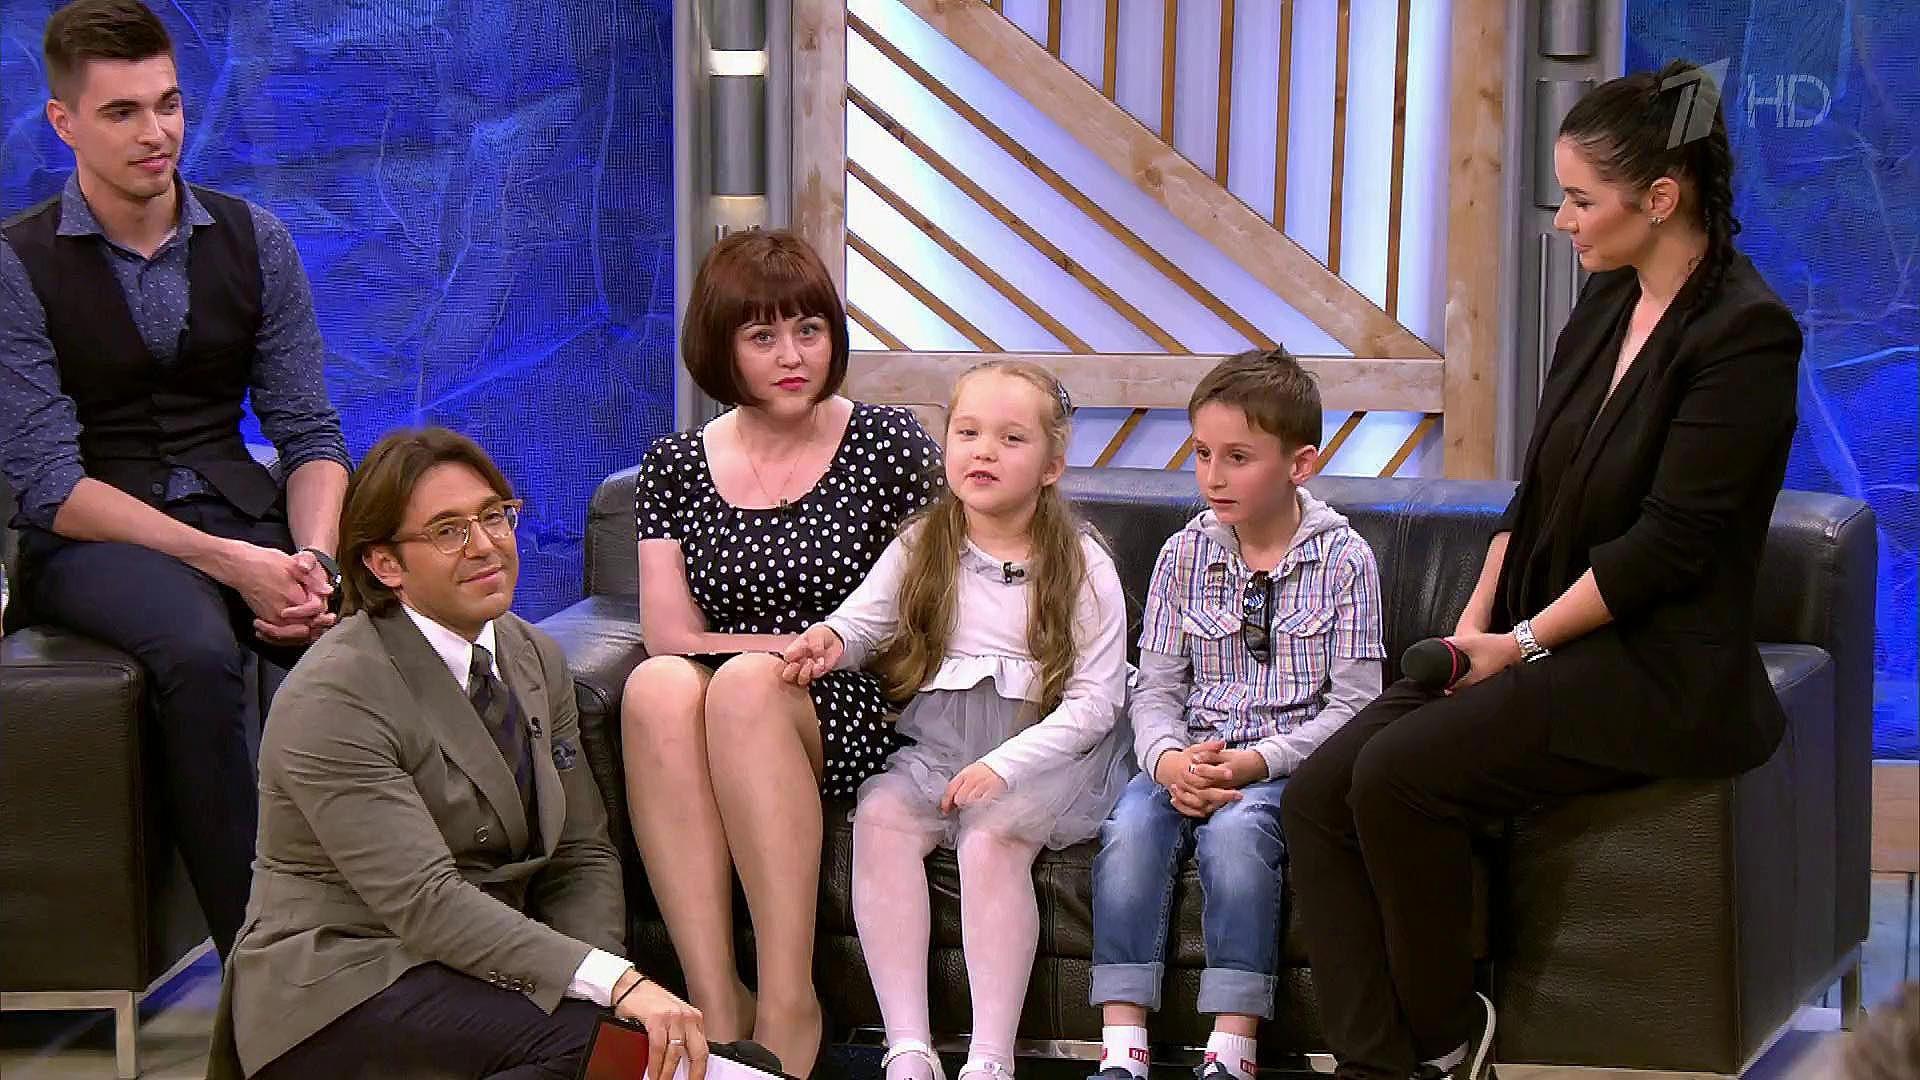 андрей малахов и его семья фото дети